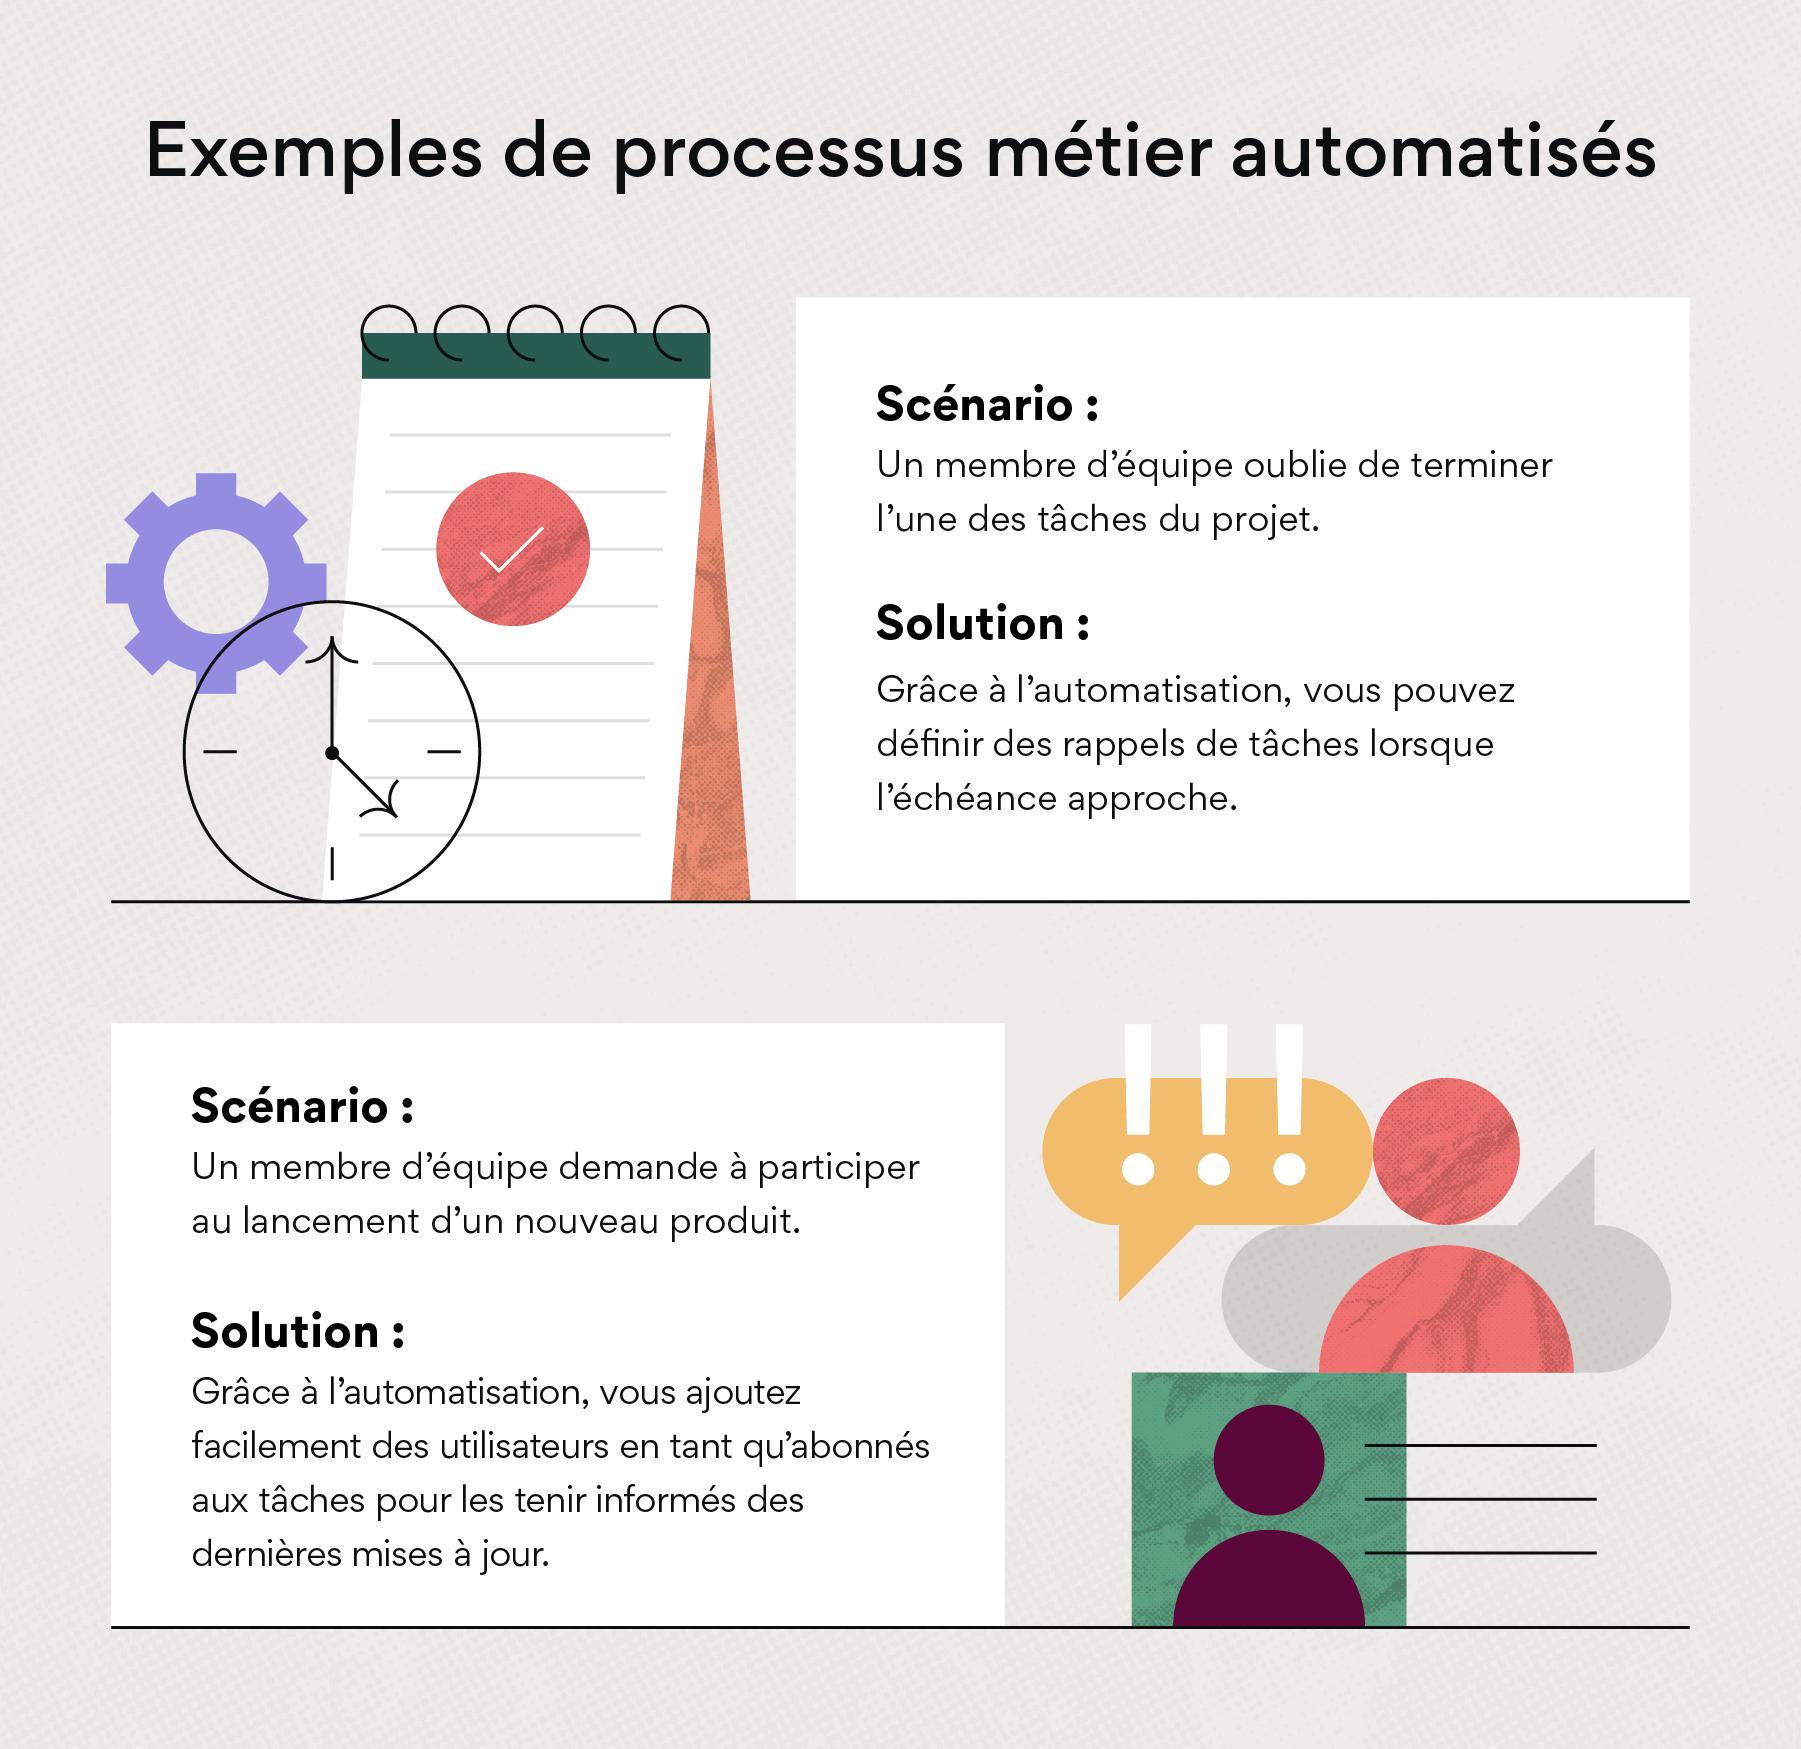 Exemples de processus métier automatisés